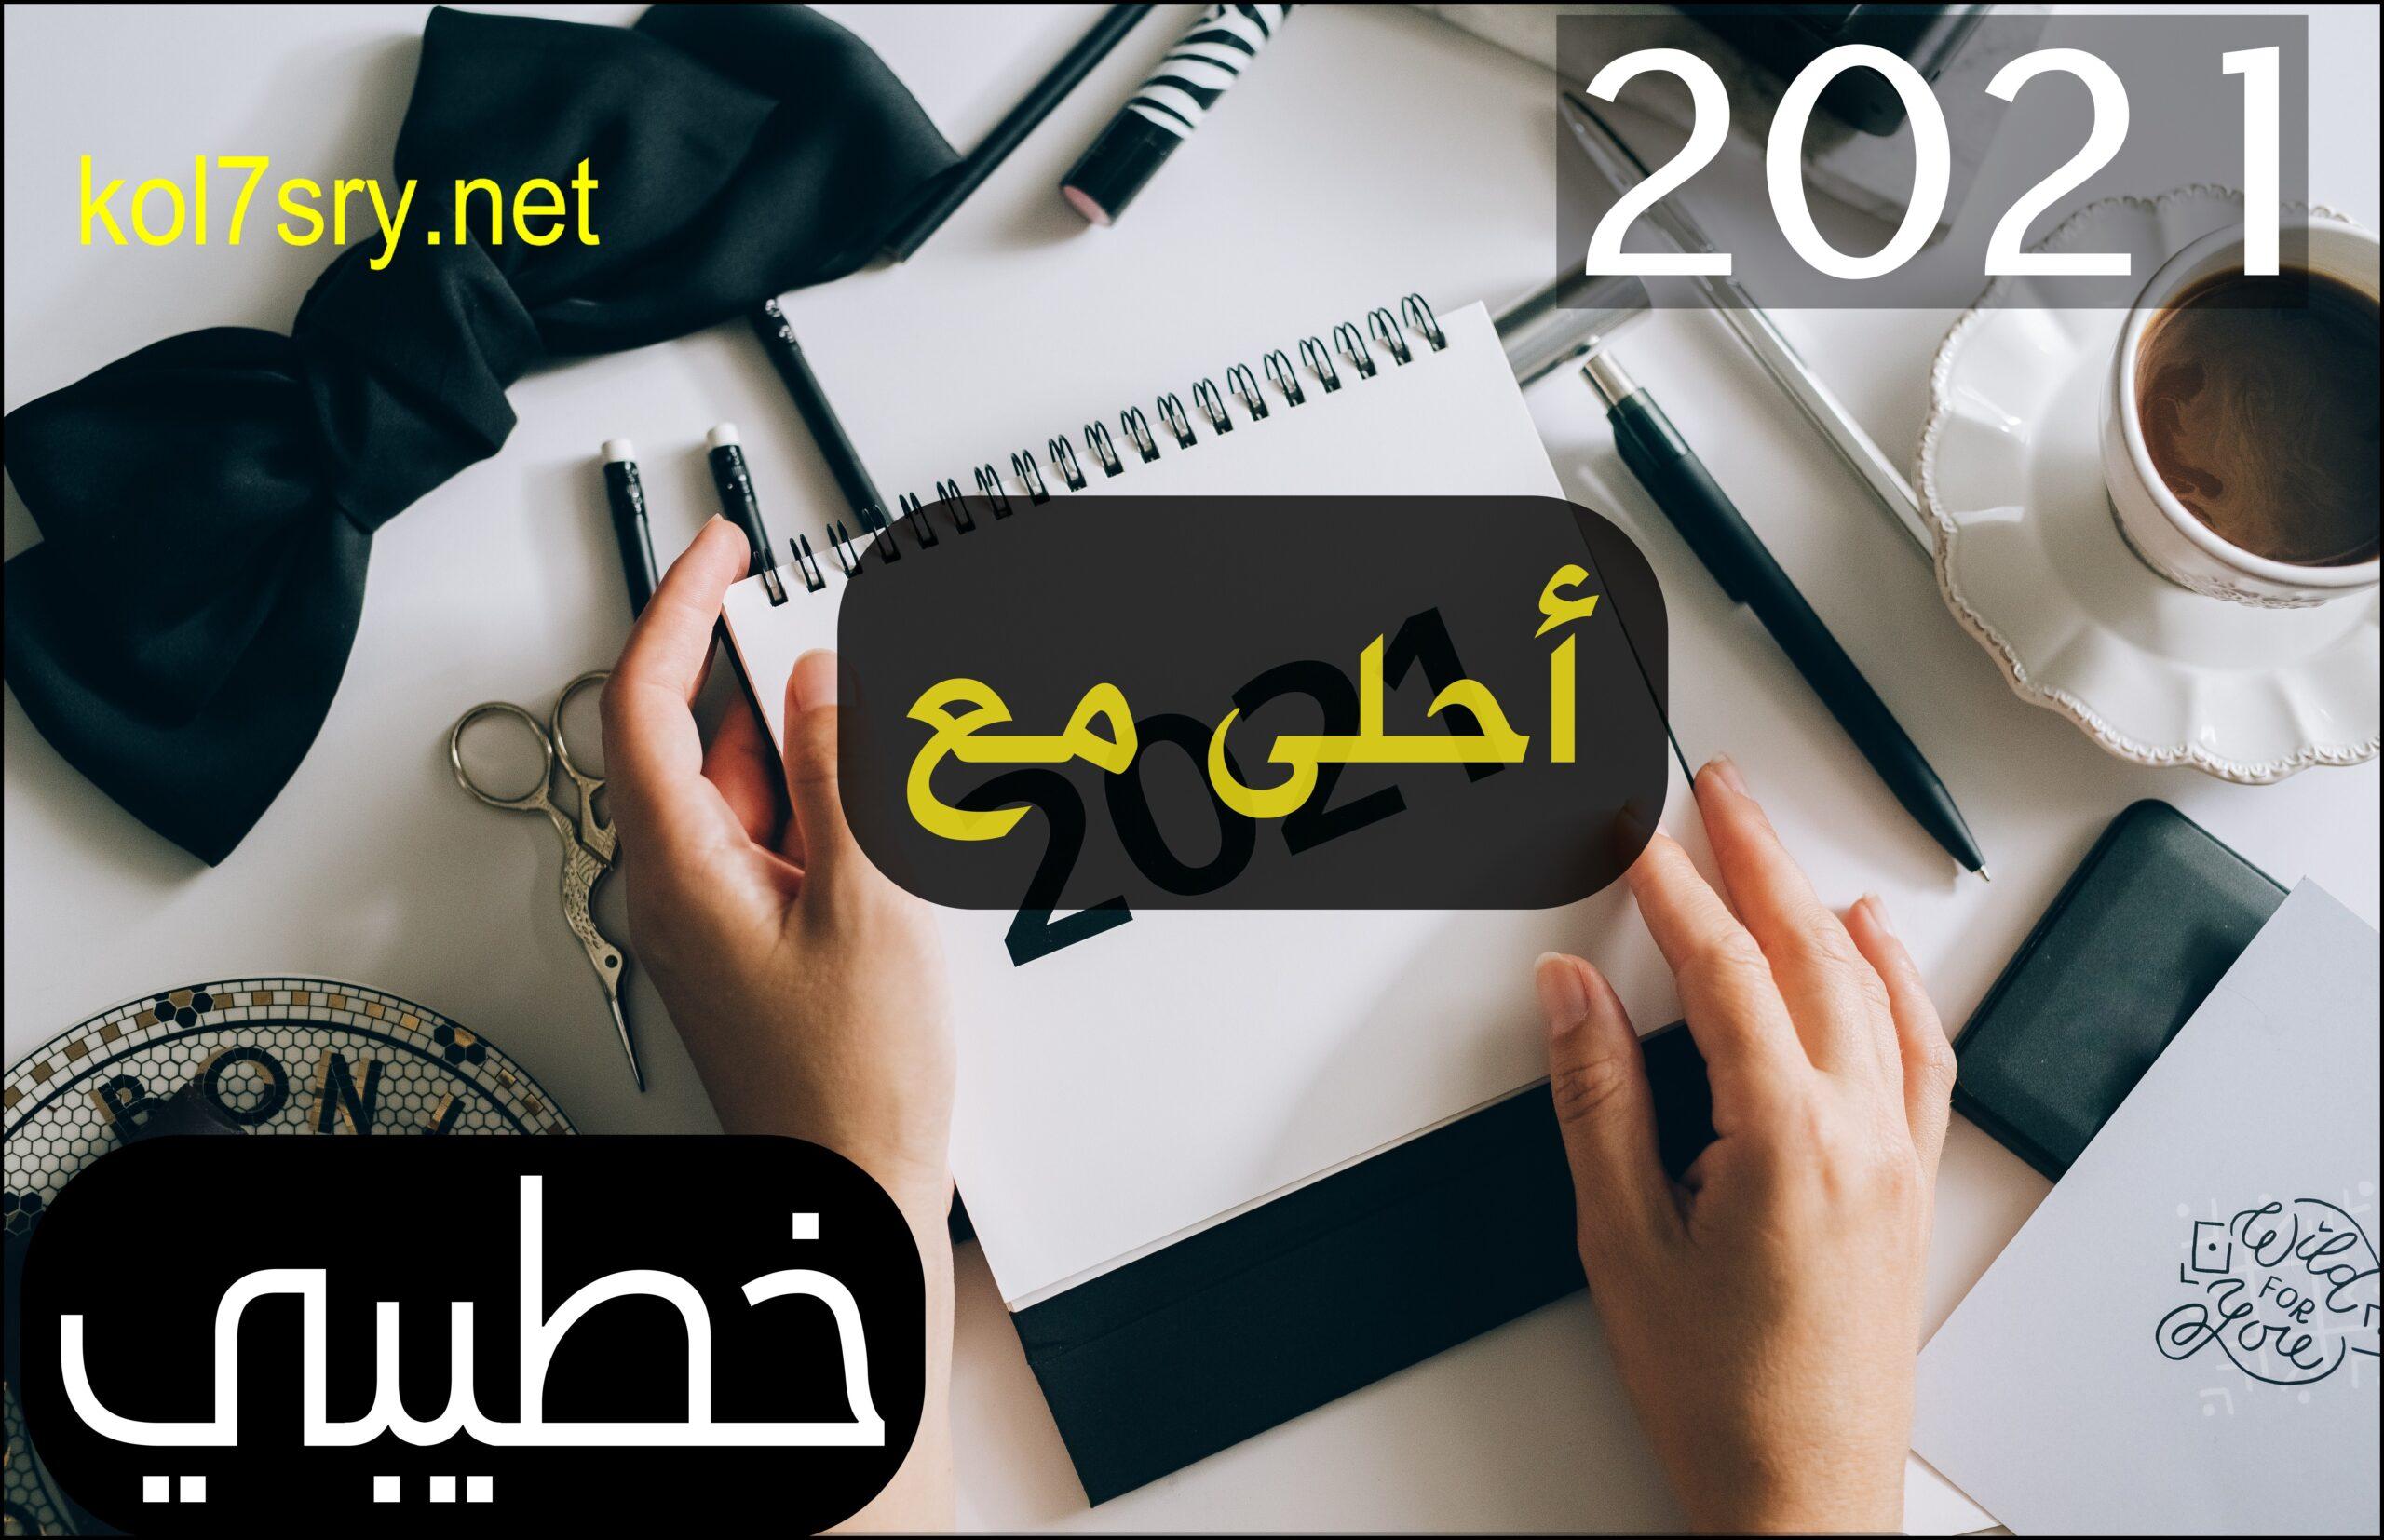 2021 أحلى مع اسمك أجمل 40 صورة HD لعام 2021 احلى مع مجانا اطلب التصميم بالتعليقات 18